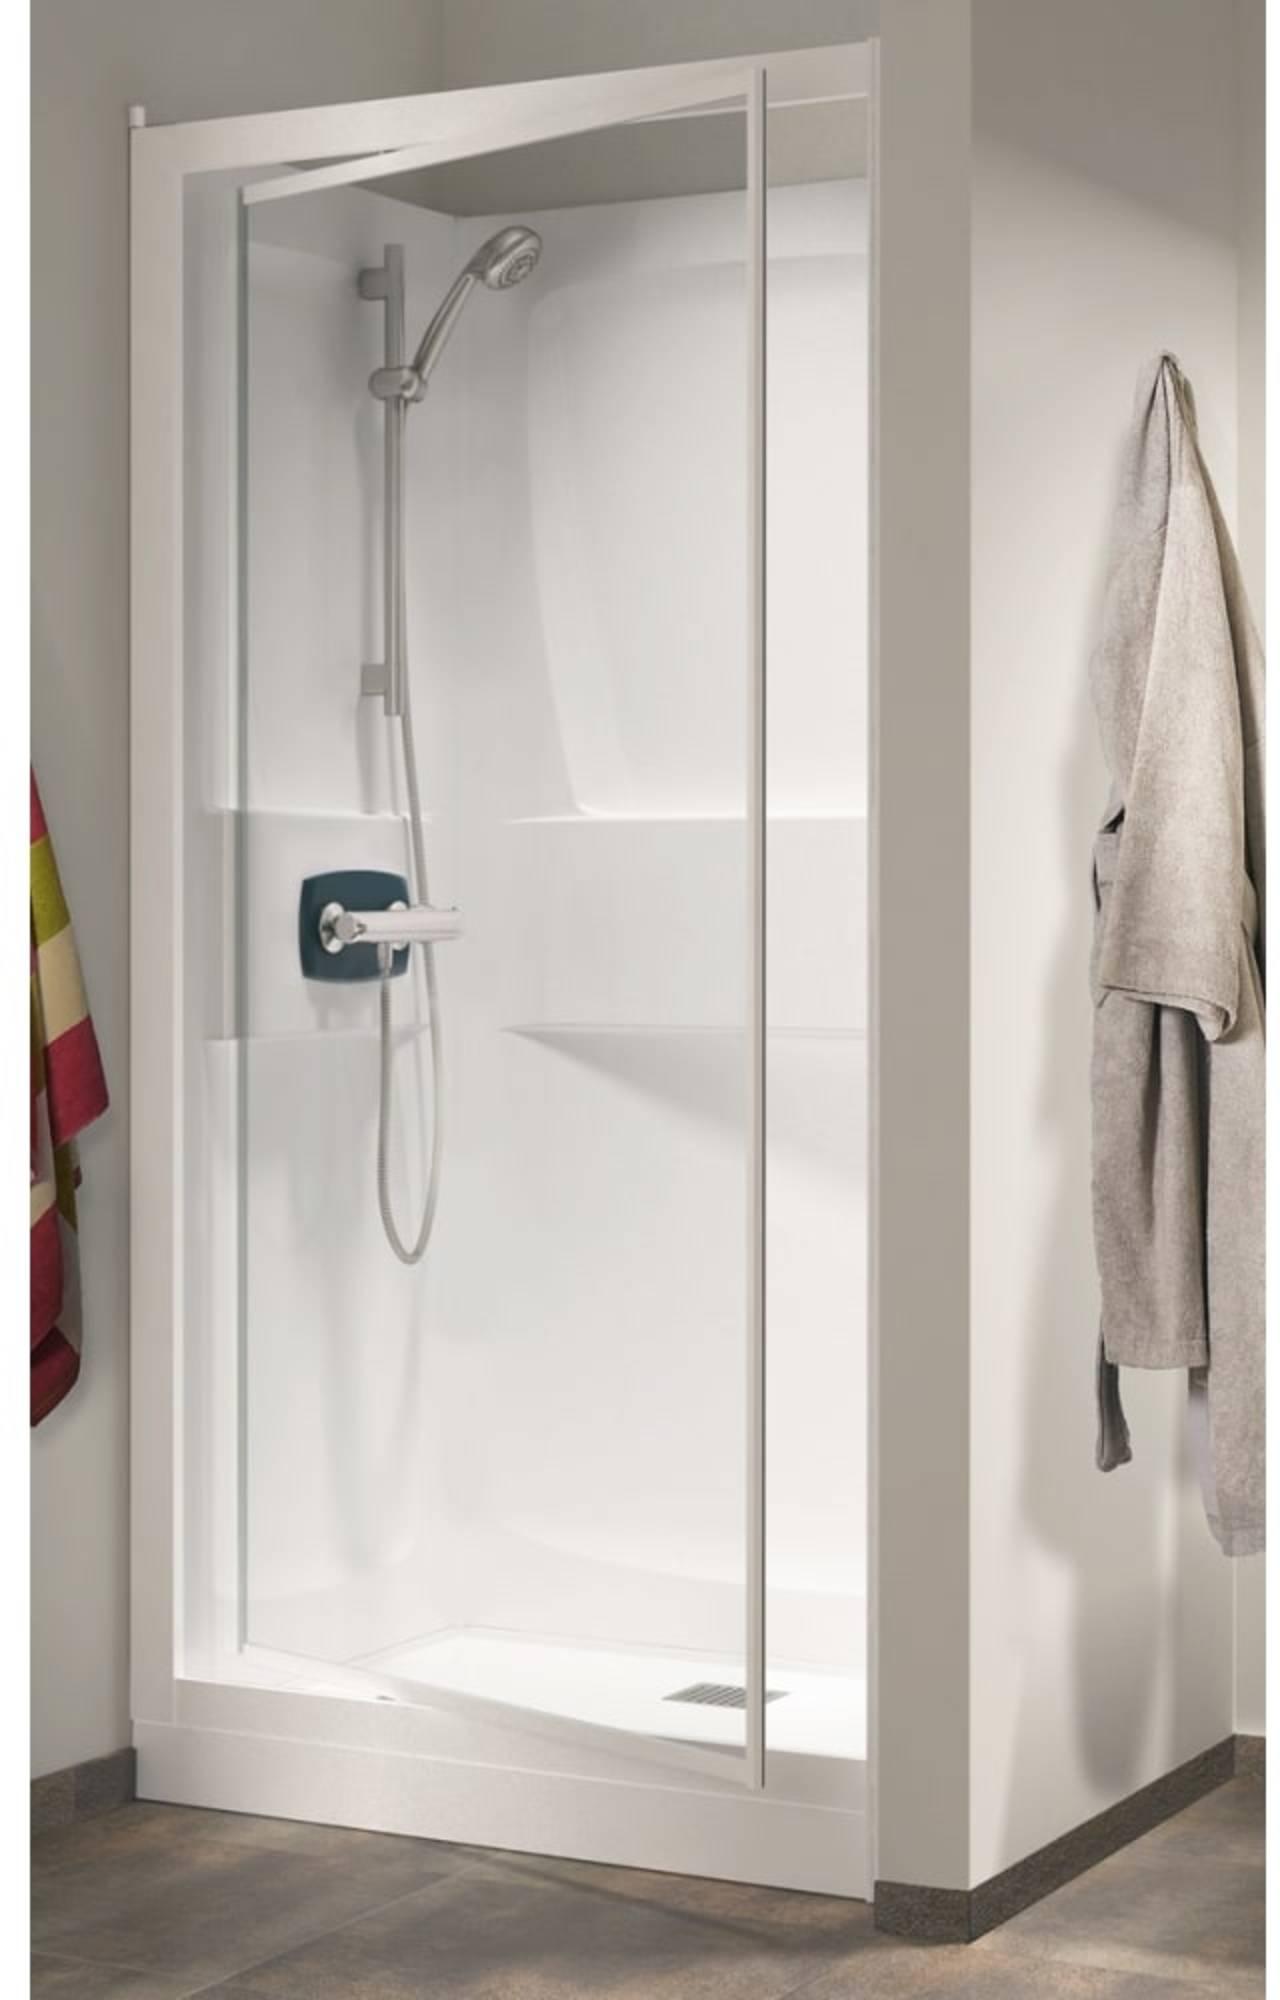 Productafbeelding van Kinedo Kineprime nis cabine 90x90 draaid+thermostaat Douchebak 18cm